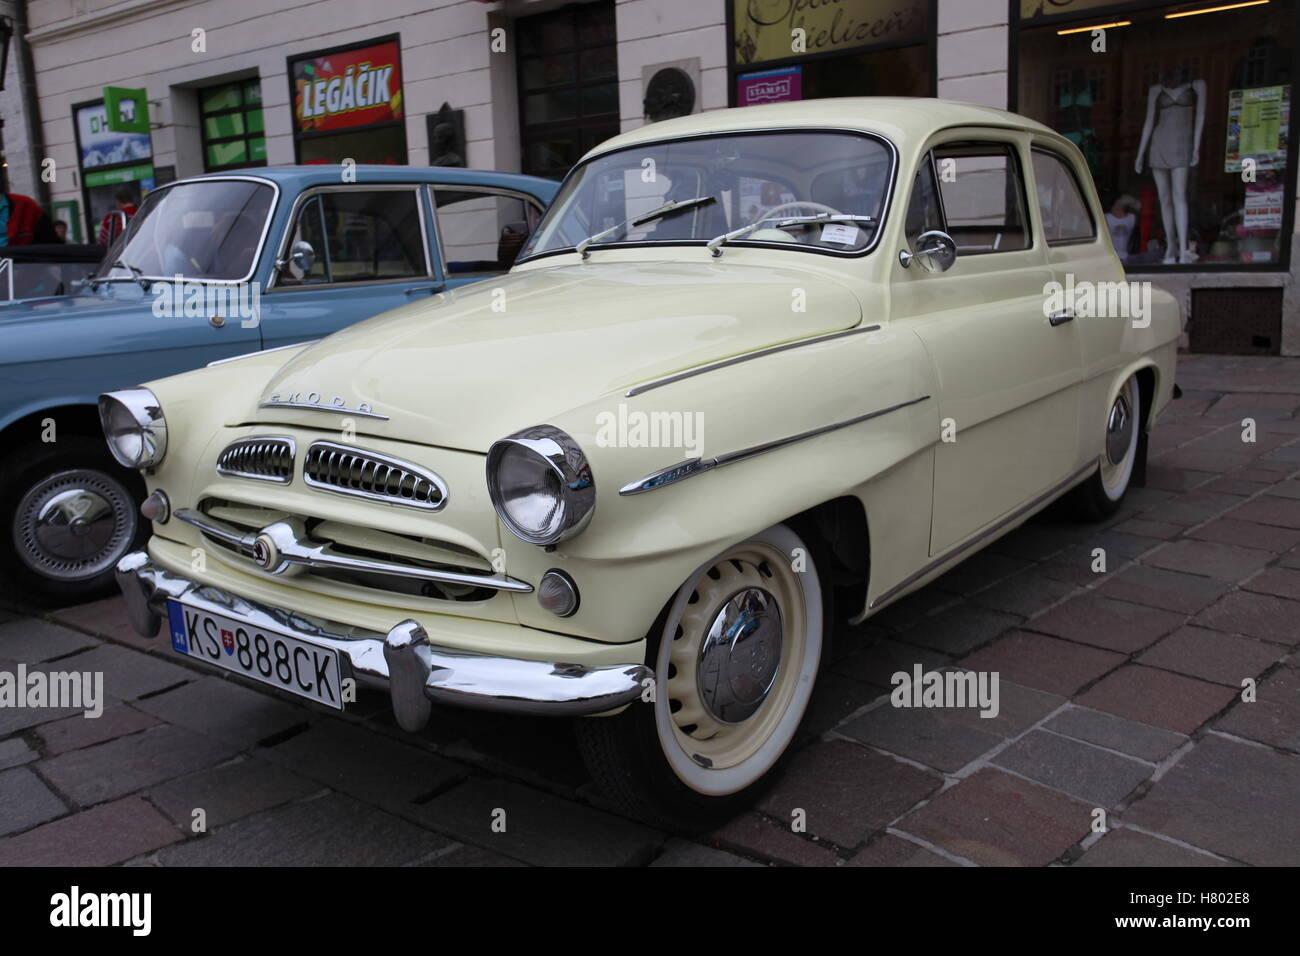 Veteran car Skoda Octavia at the Cassovia Retro Show in the historic centre of Kosice, Slovakia. - Stock Image